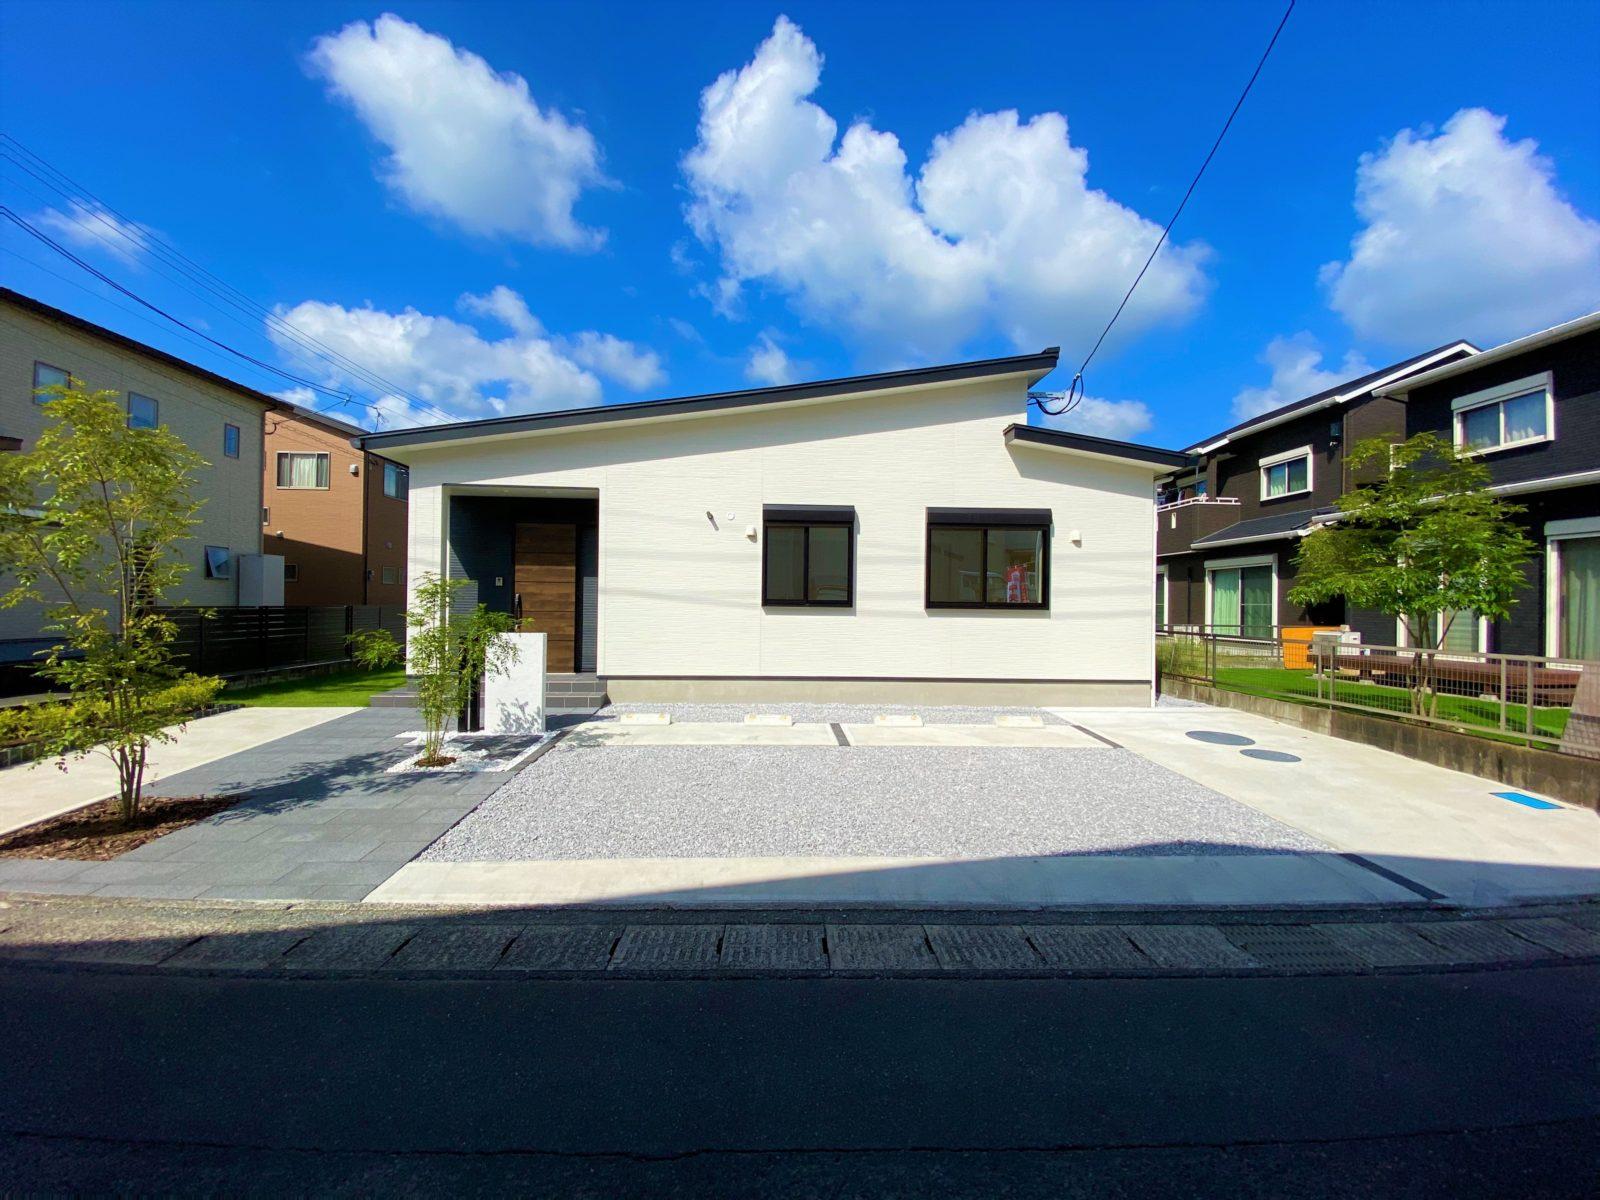 鹿児島市中山町でオープンハウス 使い勝手の良い回遊動線の平屋建て